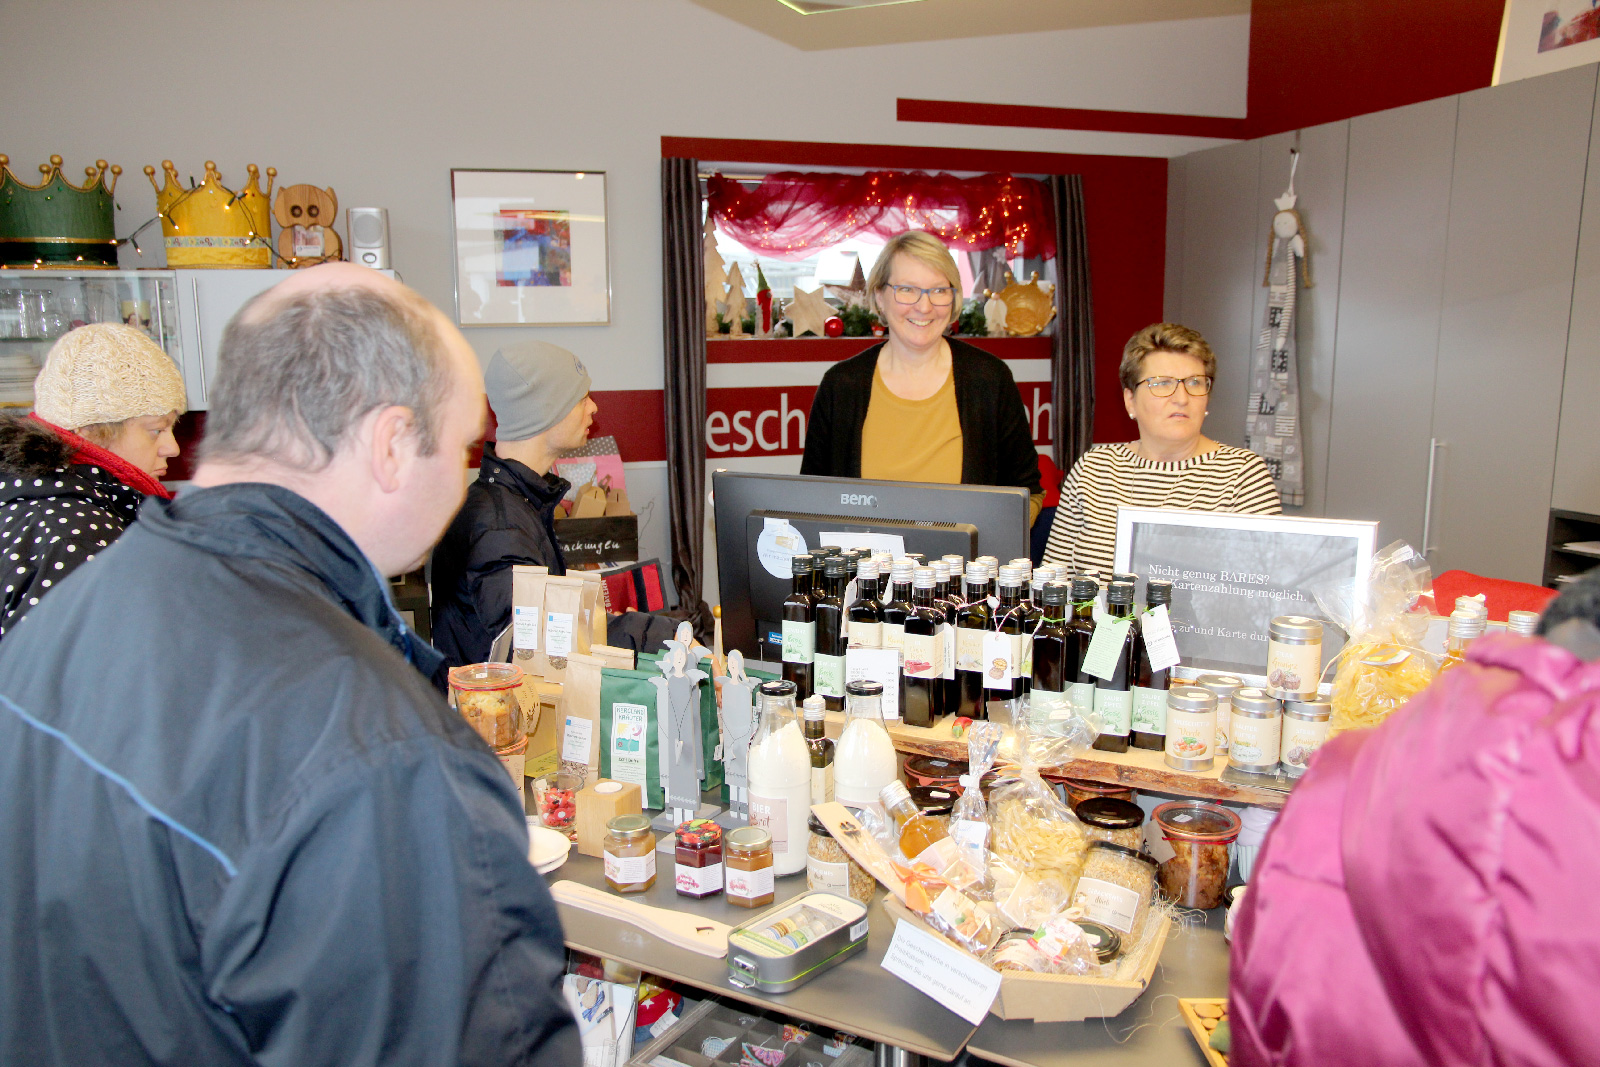 Gut besucht: Beim Einkaufssamstag der Moritzberg-Werkstätten, eine Woche vor dem ersten Advent, waren die Besucher in Kauflaune.